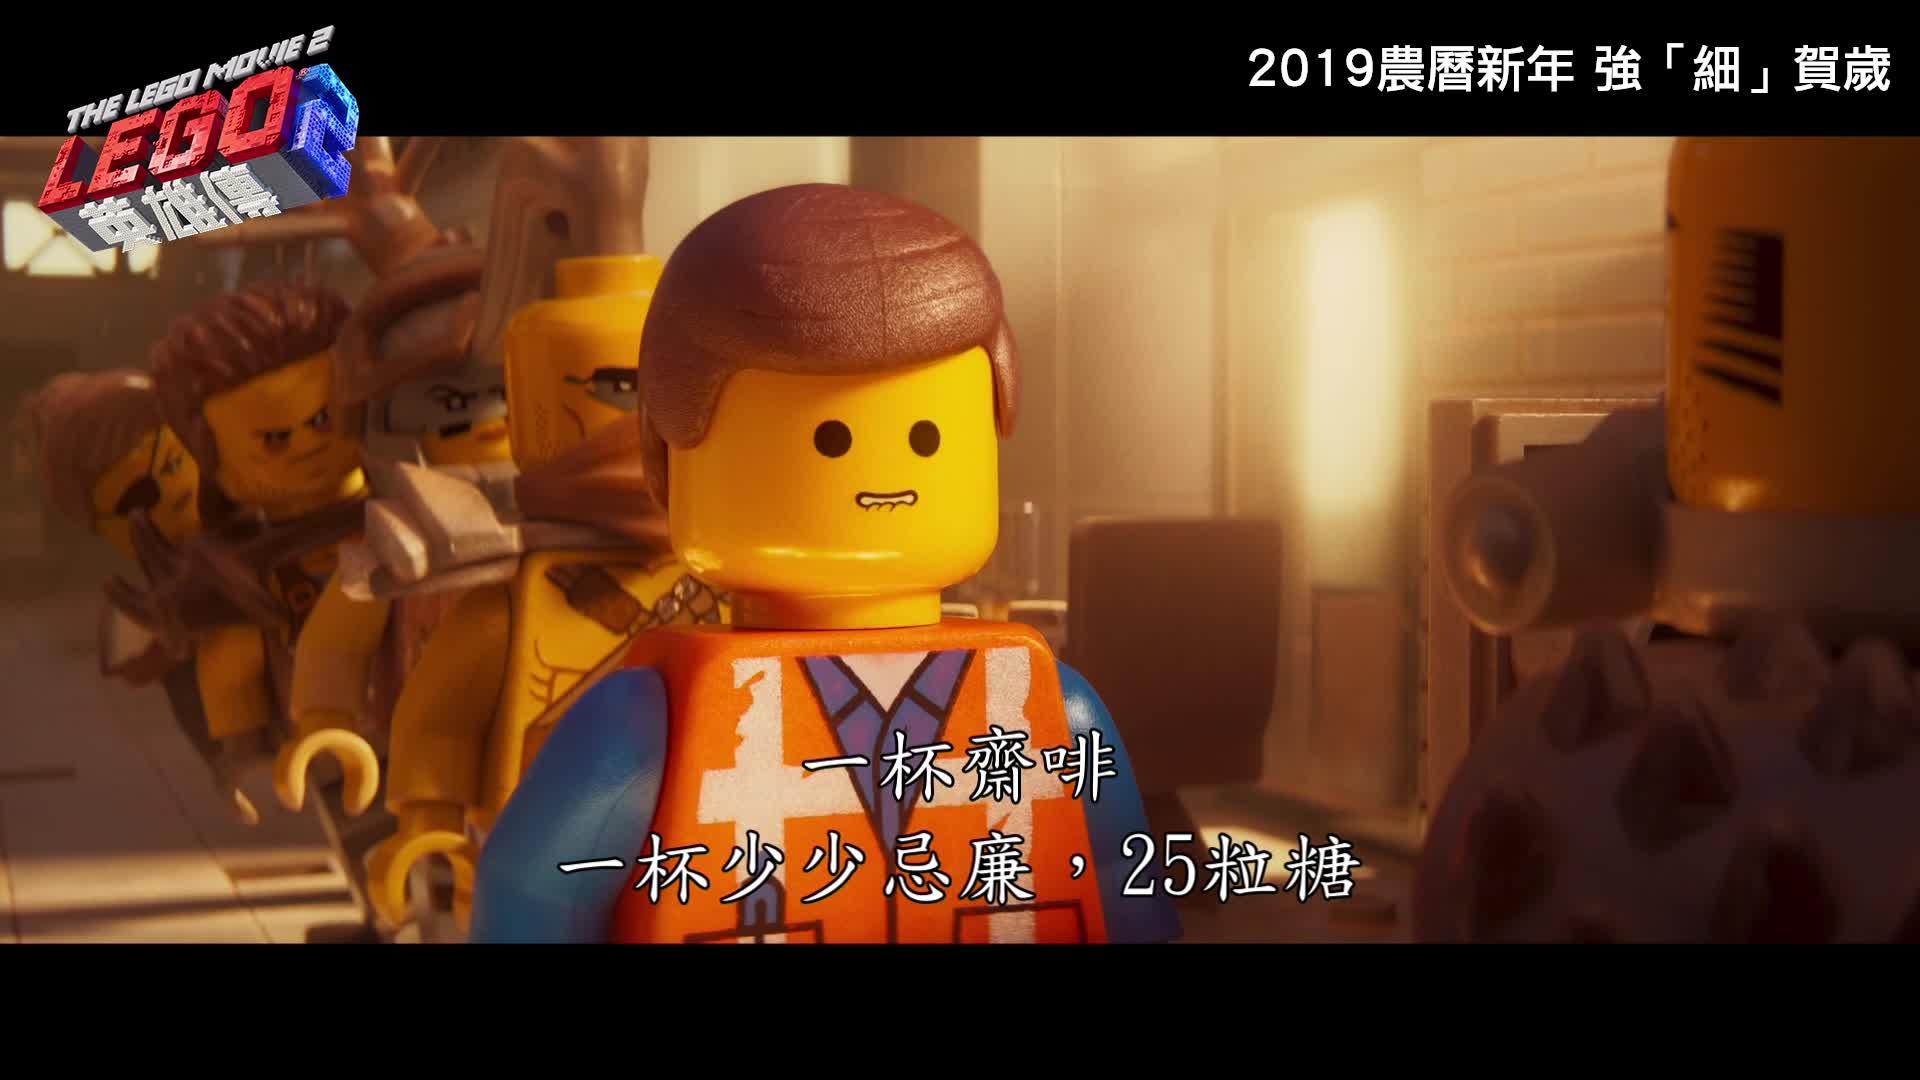 《LEGO英雄傳2》預告